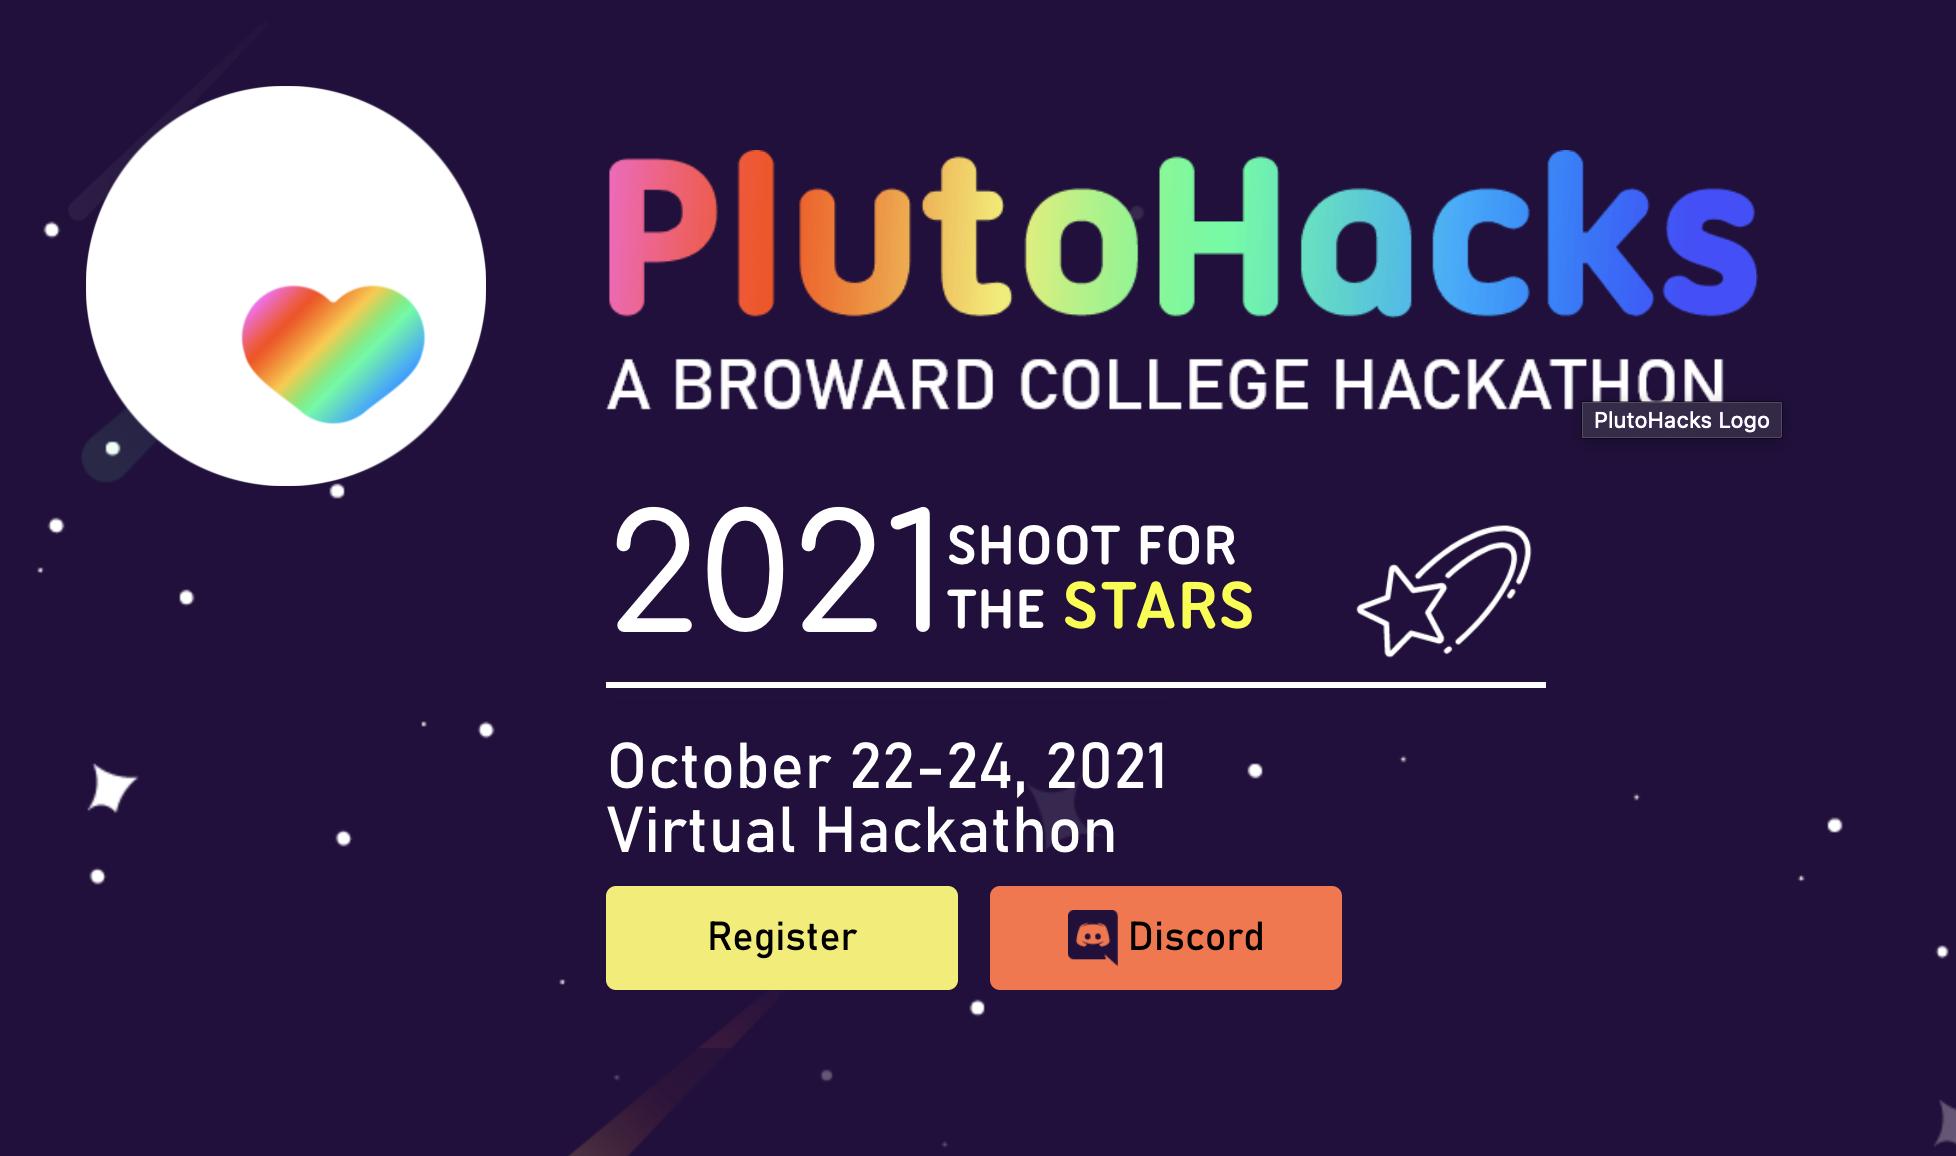 PlutoHacks